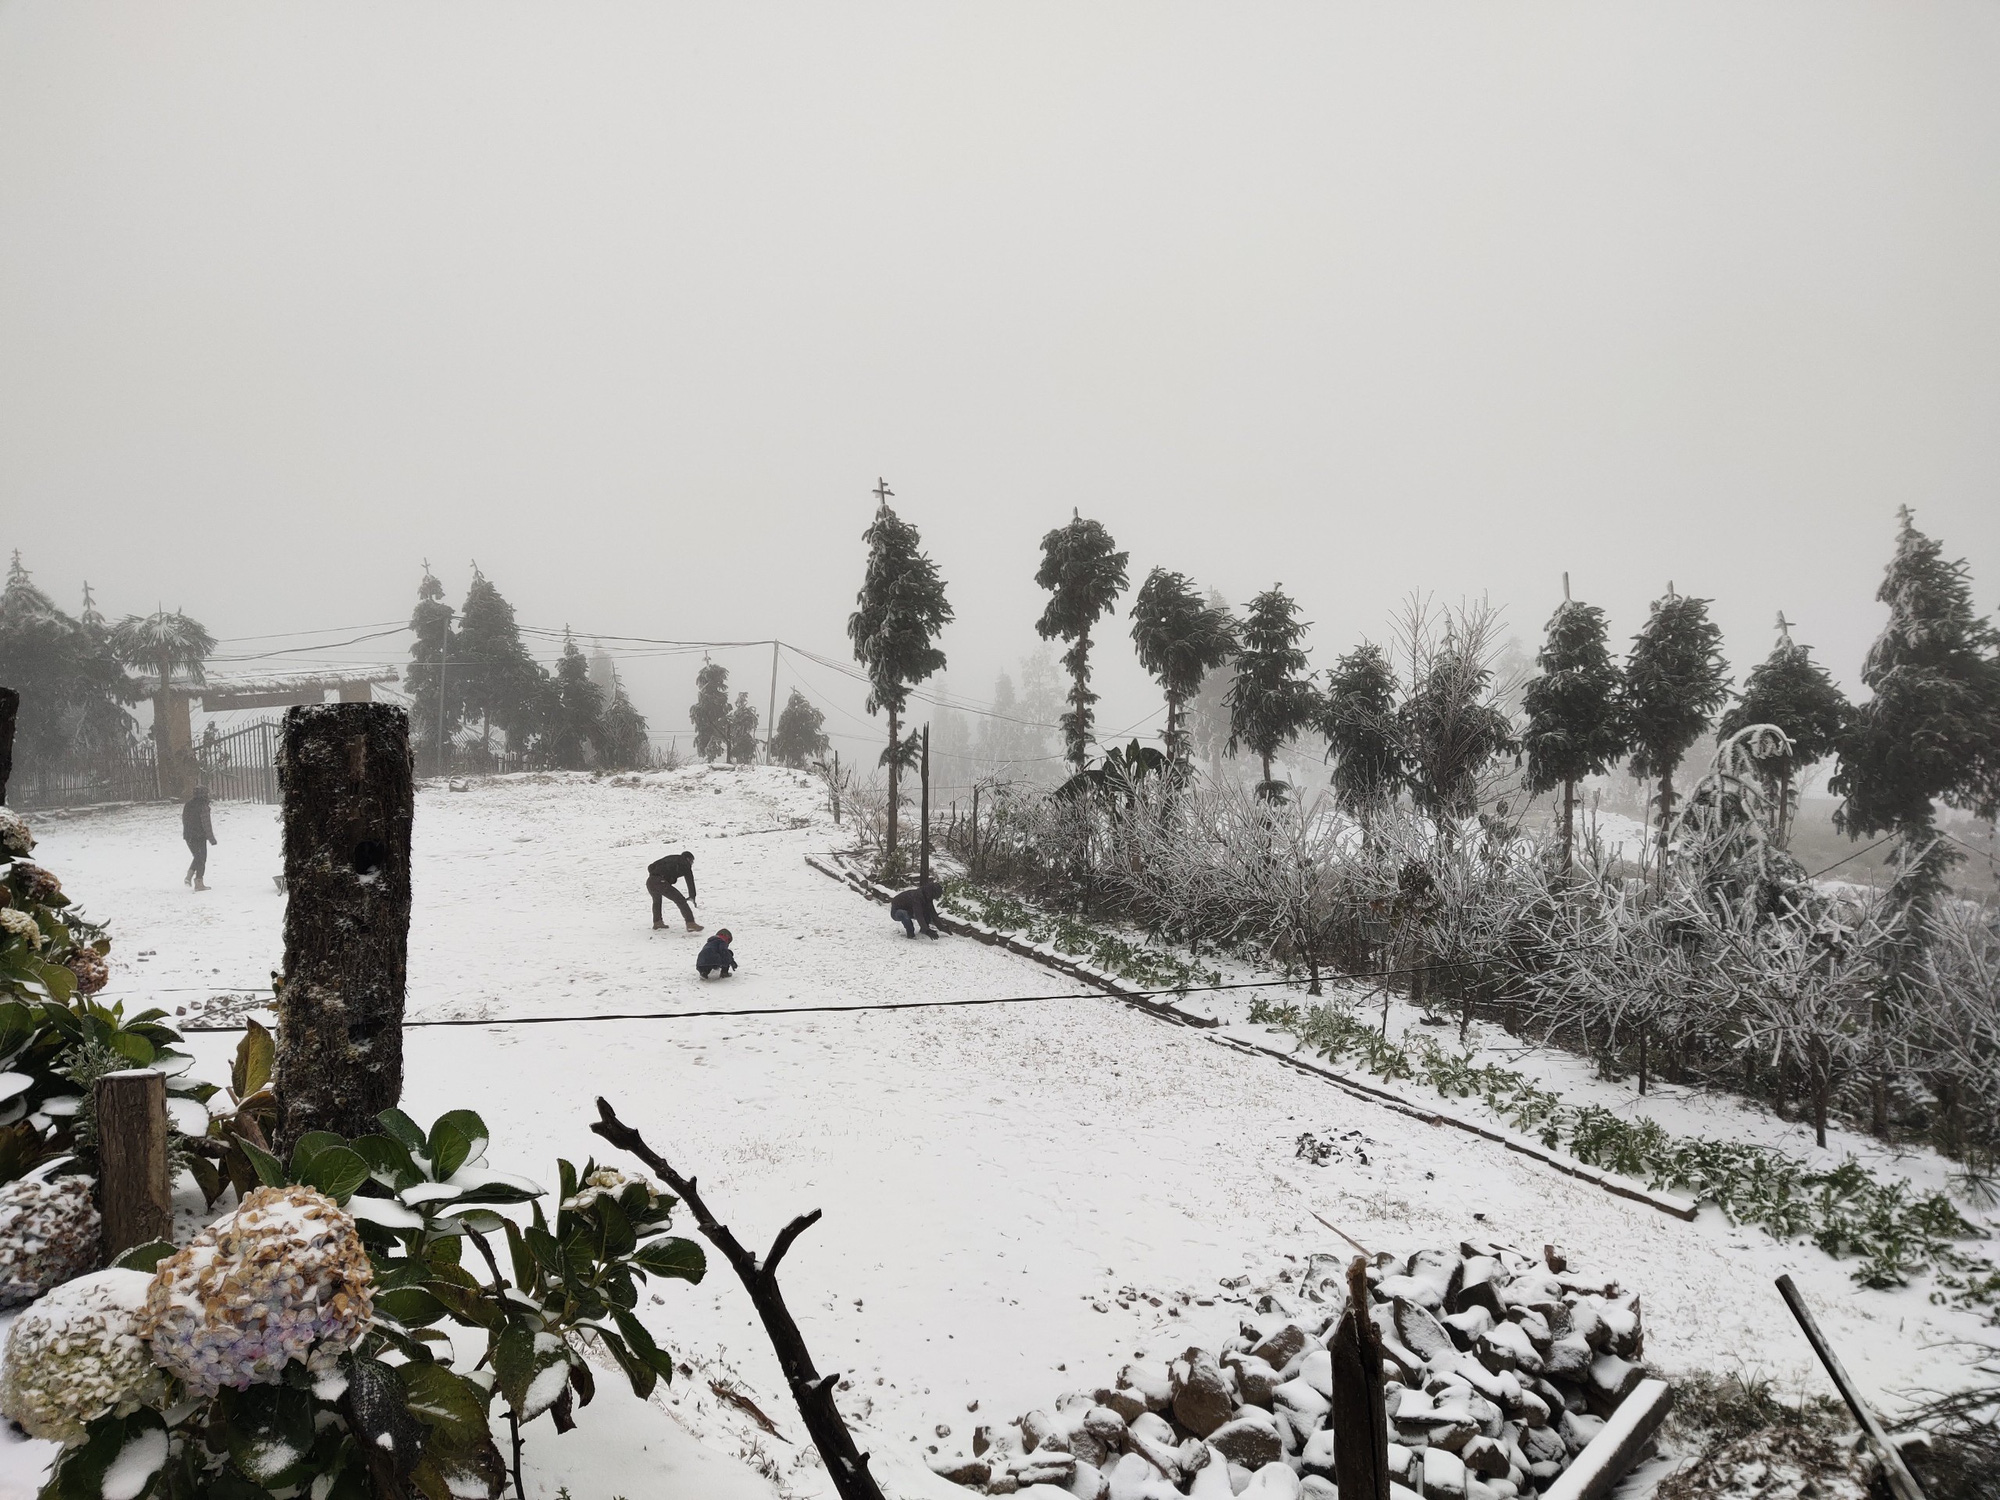 Tuyết rơi dày đặc ở Y Tý, cảnh vật phủ màu trắng xóa như trời Âu - Ảnh 8.